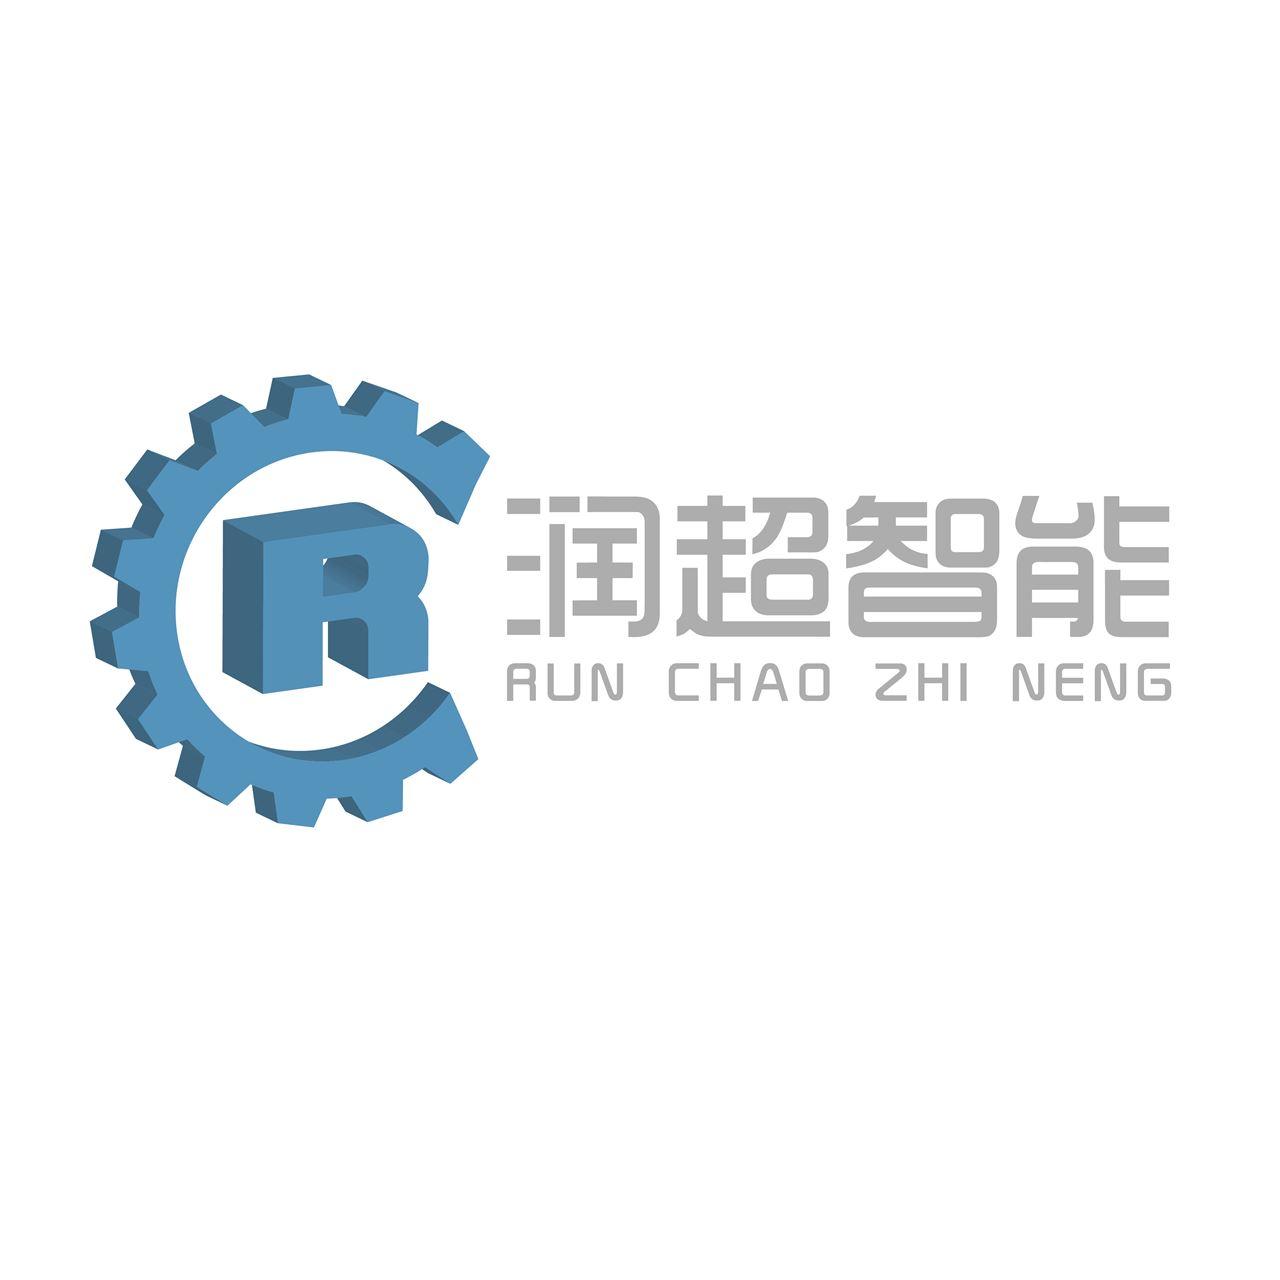 山东润超智能科技有限公司